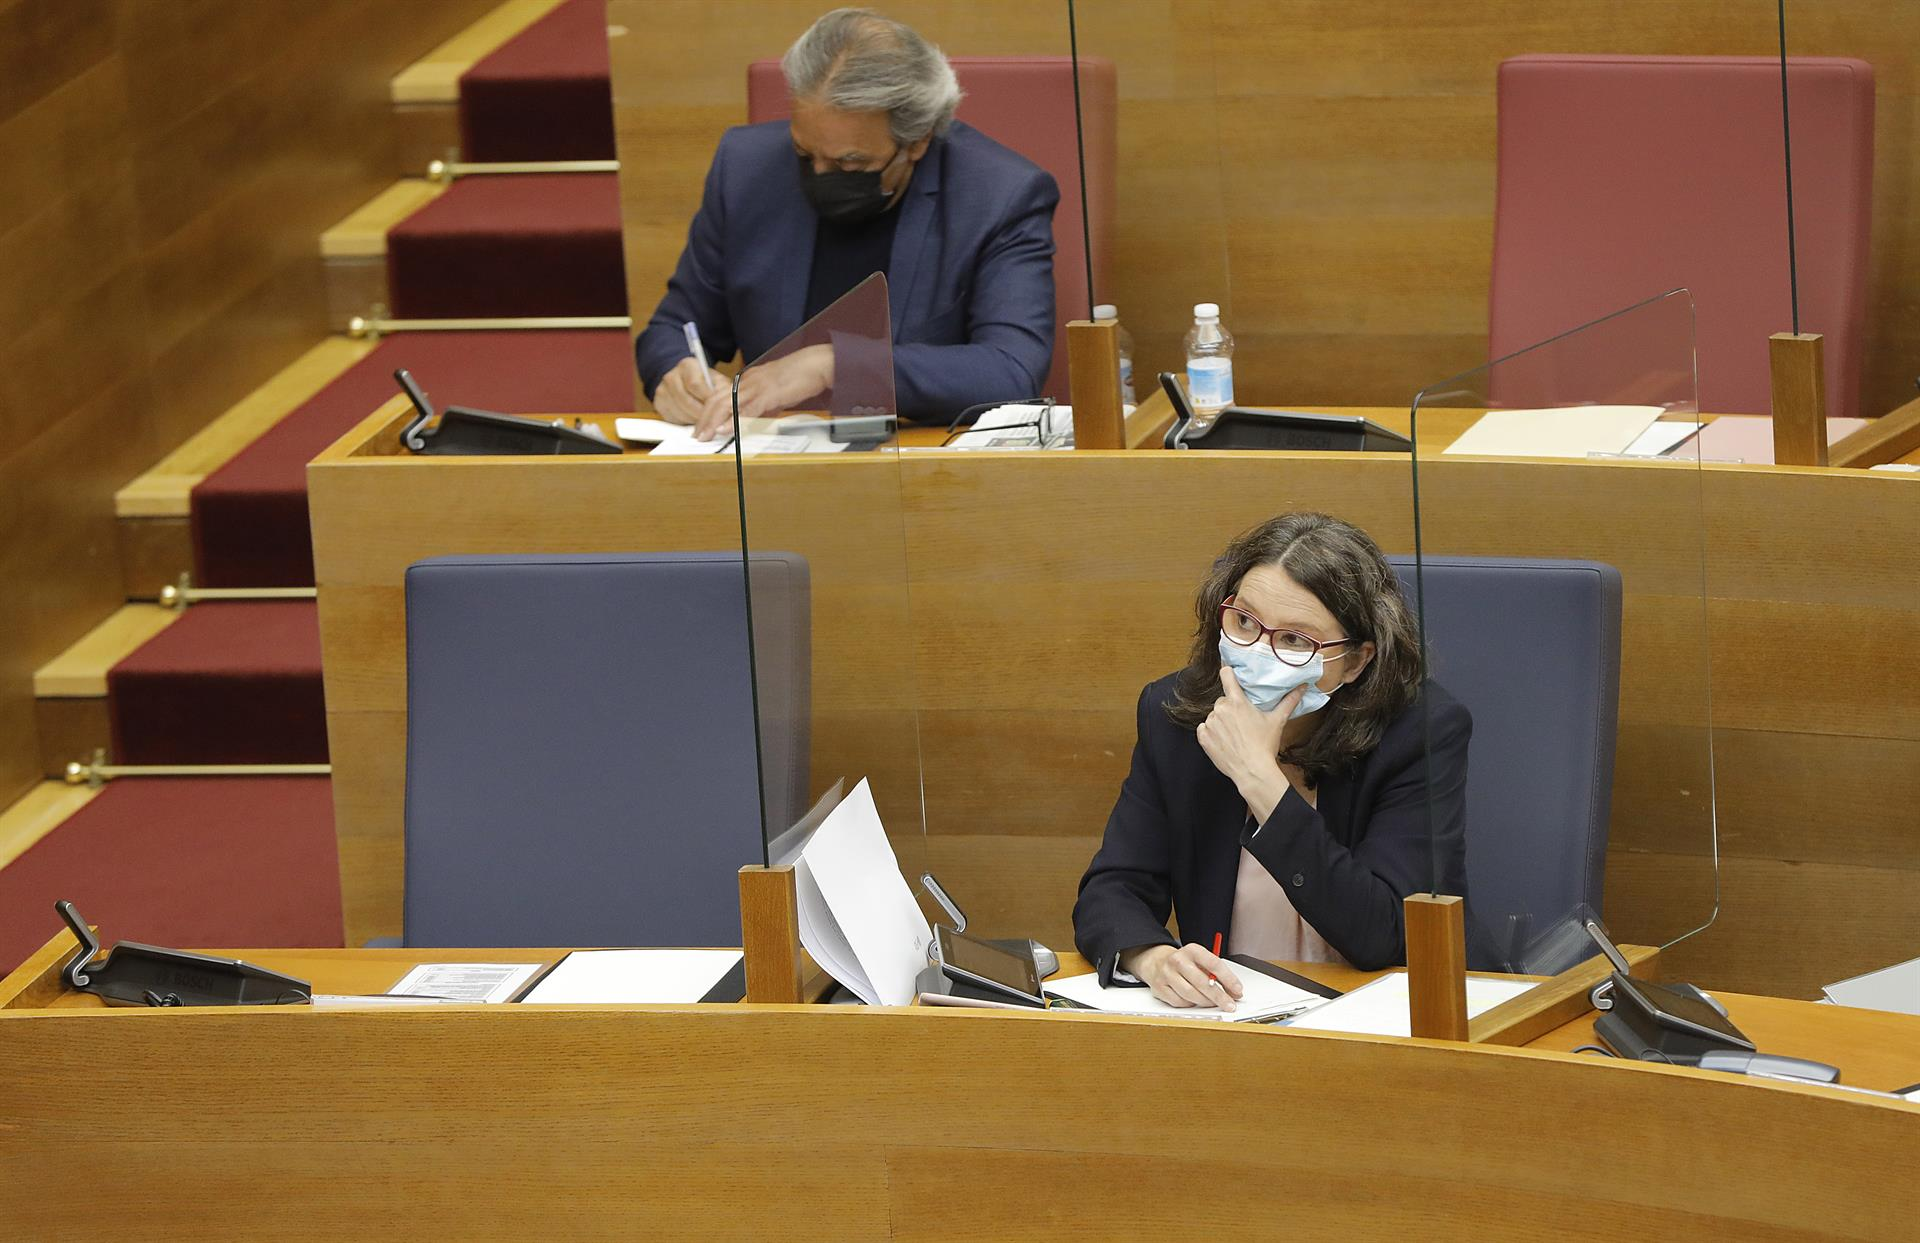 La Comunitat Valenciana registra 211 casos de abusos a menores desde junio de 2020